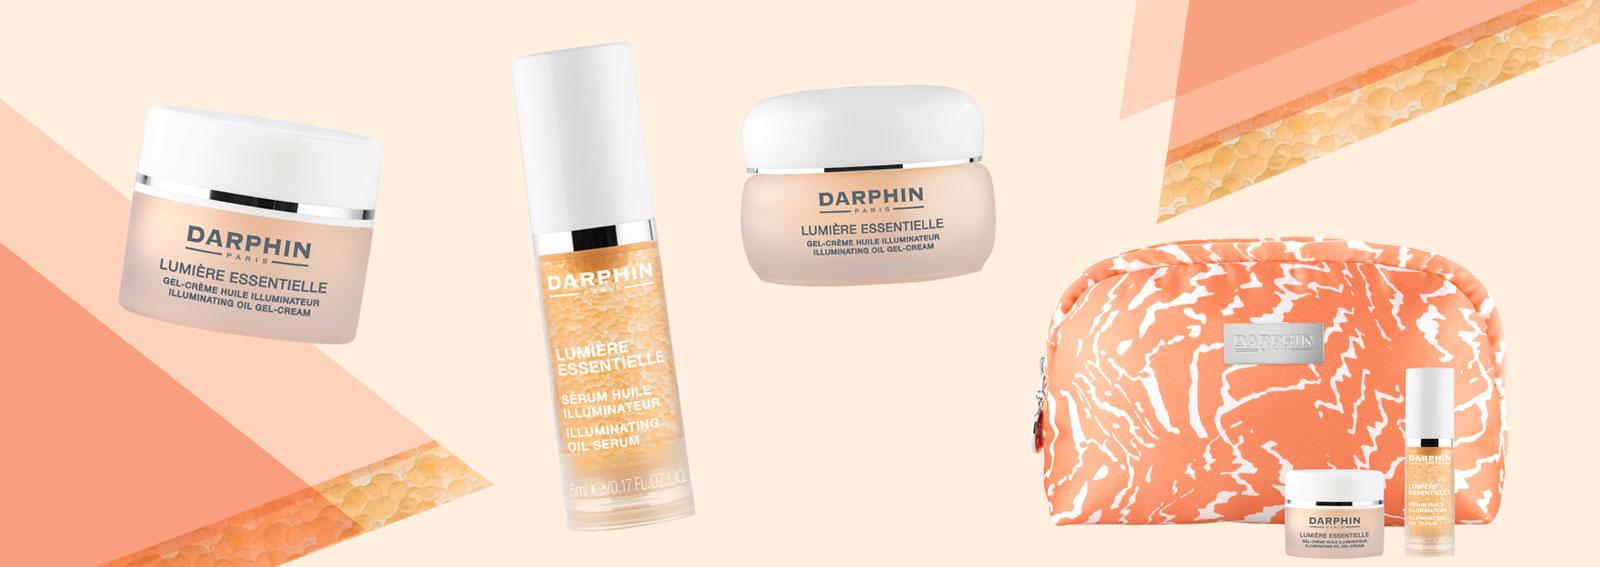 lumiere essentielle darphin per una pelle perfetta e luminosa